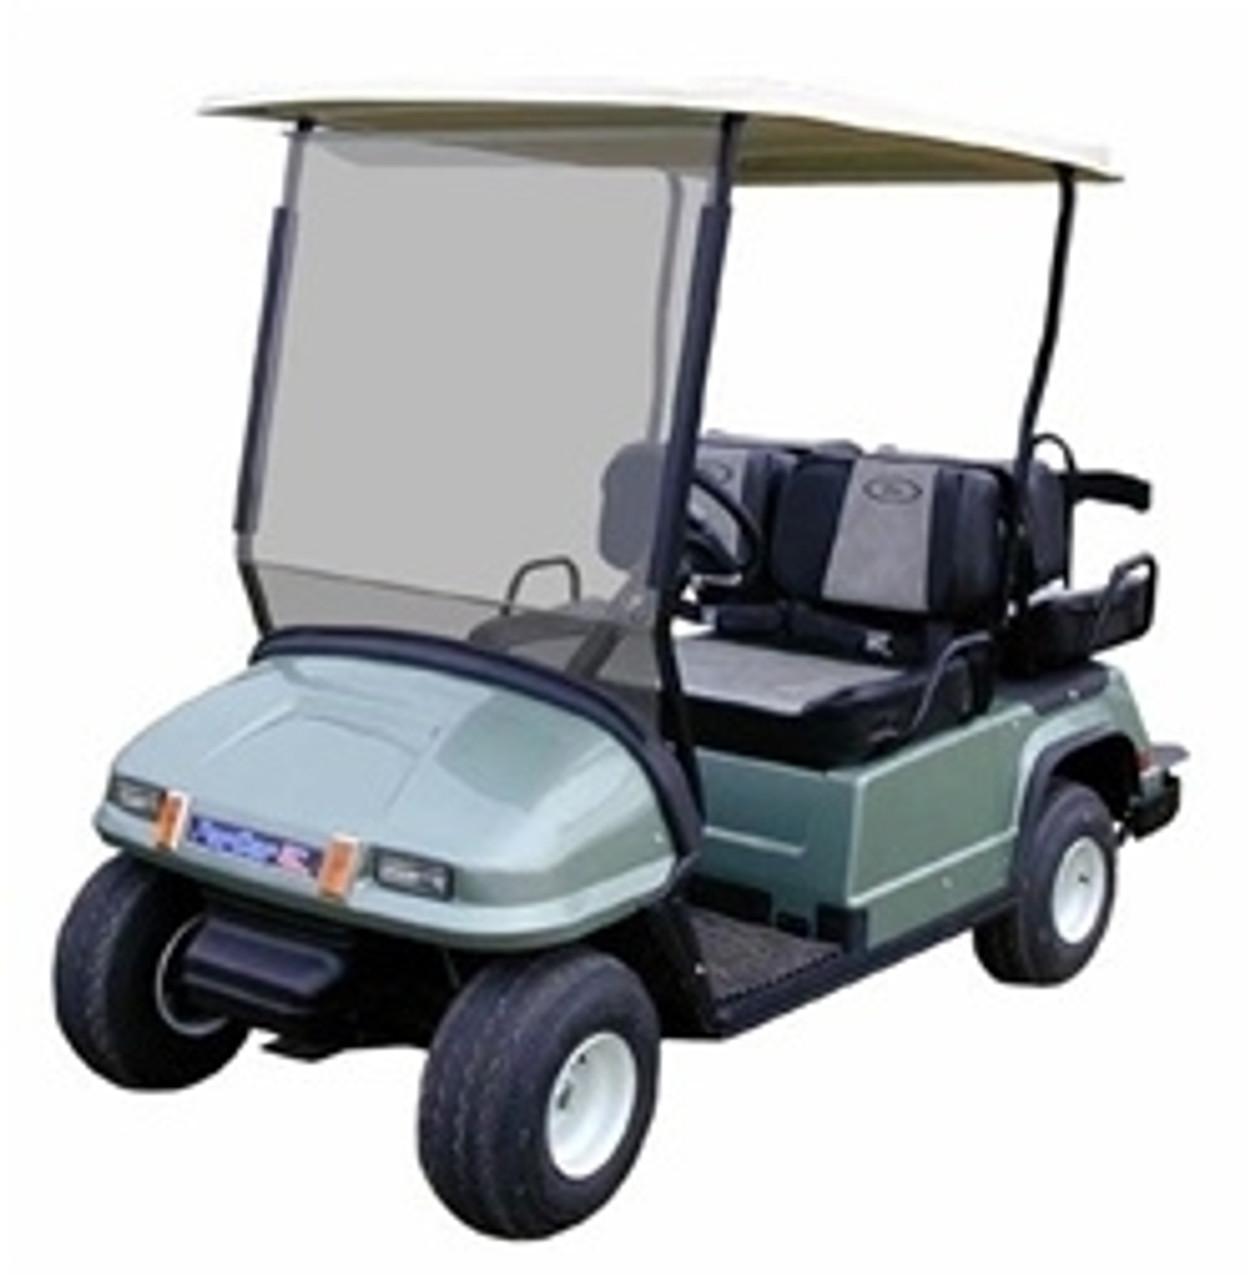 Columbia Par Car Golf Cart Tune Up Kits